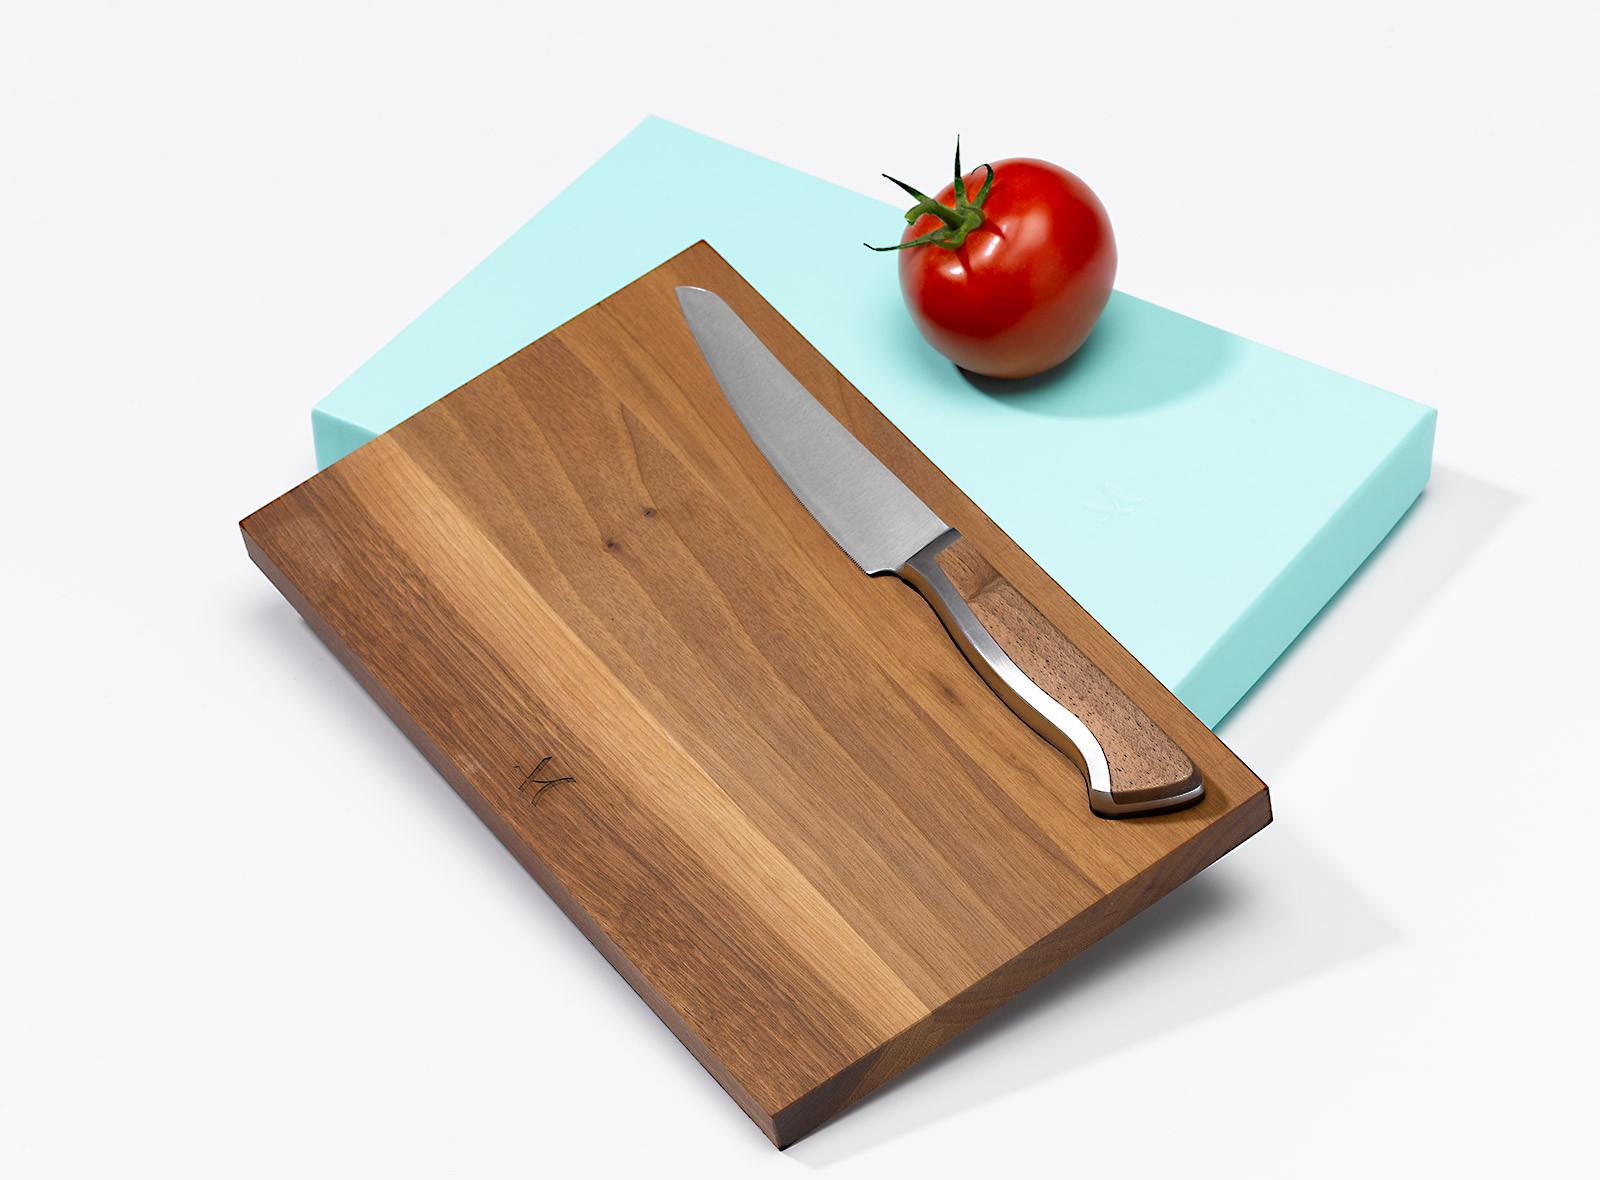 caminada-steakmesser-schneidebrett-wertvoller wald-blog